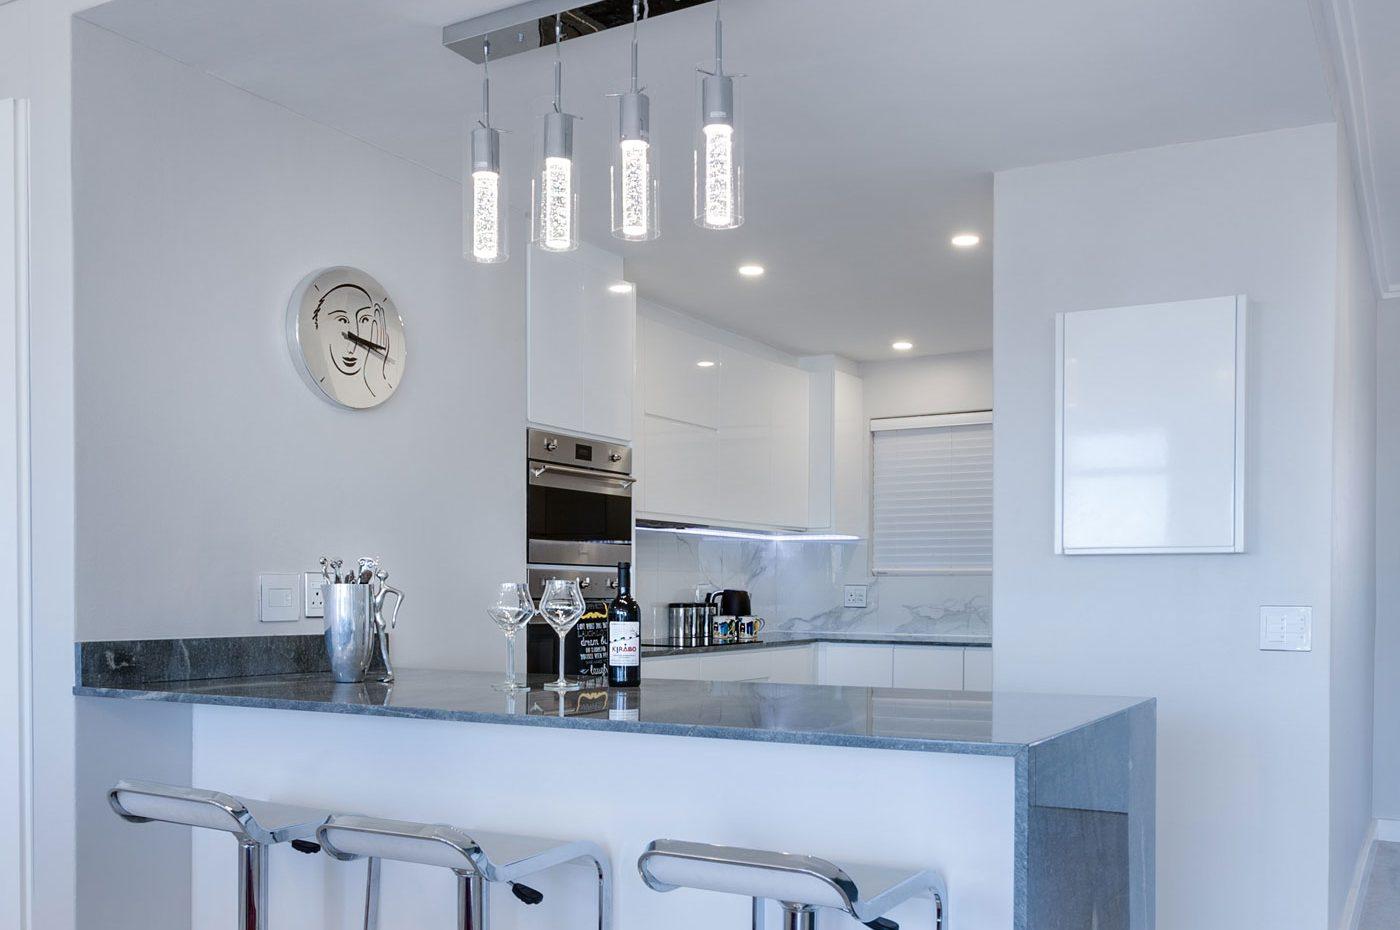 cocinas decoracion Decoracin De Cocinas Modernas Servei Estaci Tu Tienda De